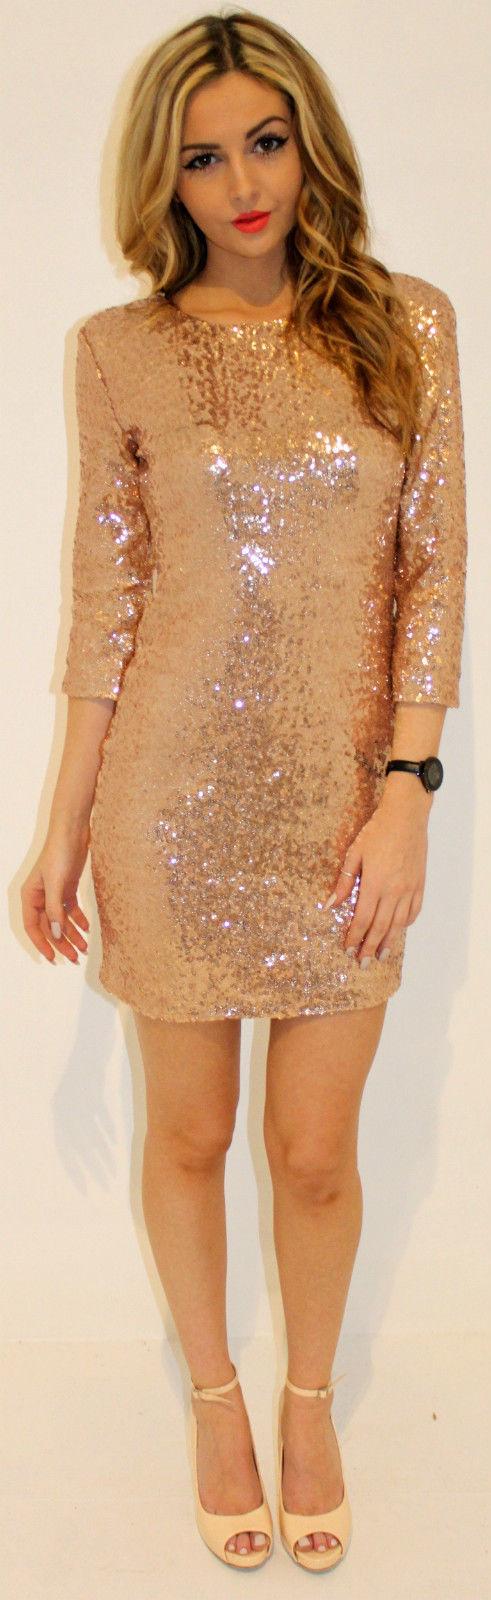 celeb style kim kardashian shiny sequin dress s xxl plus